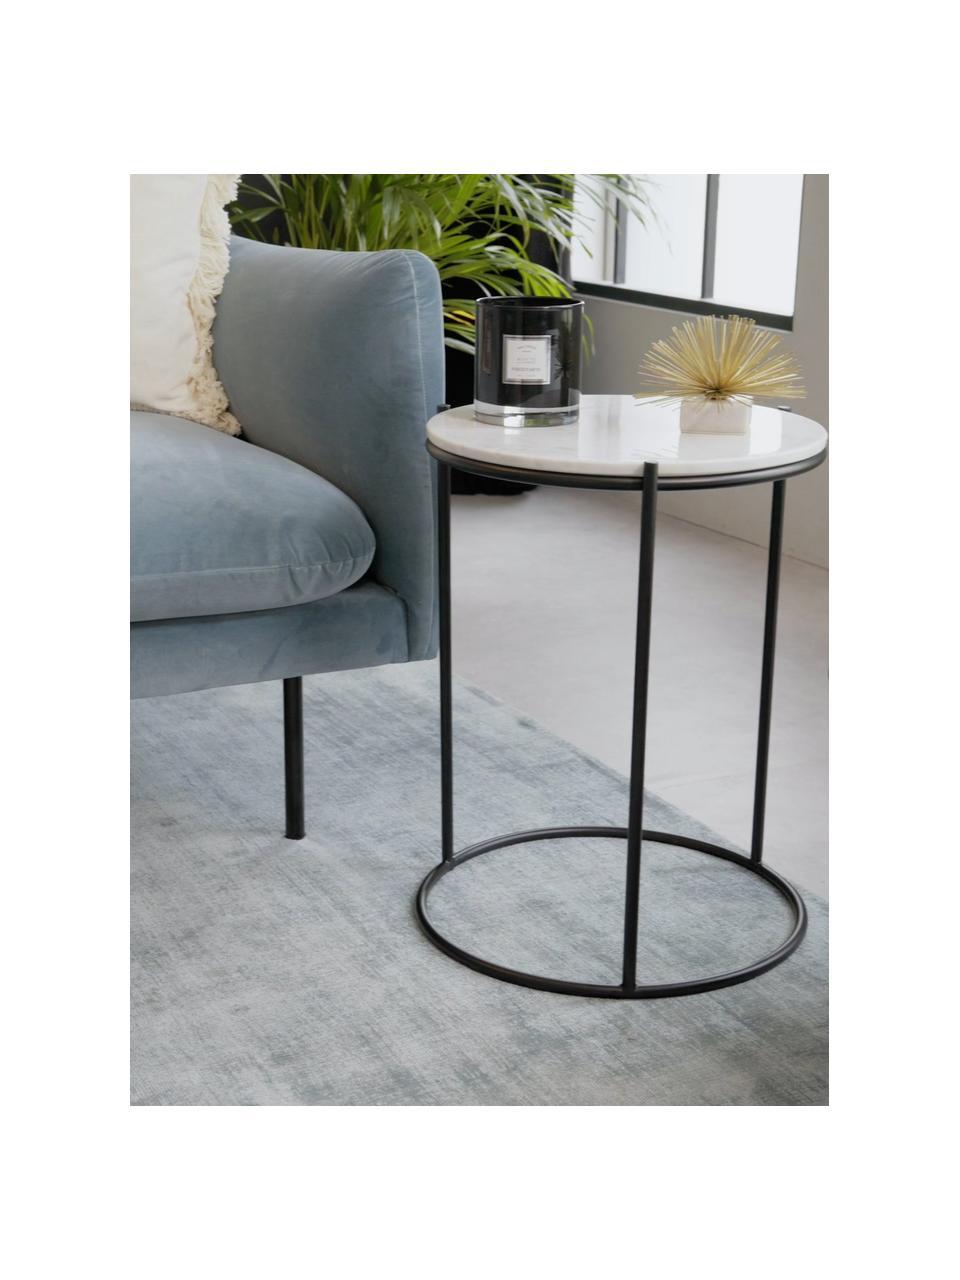 Okrągły stolik pomocniczy z marmuru Ella, Blat: marmur, Stelaż: metal malowany proszkowo, Blat: jaśniejszy marmur Stelaż: czarny, matowy, Ø 40 x W 50 cm